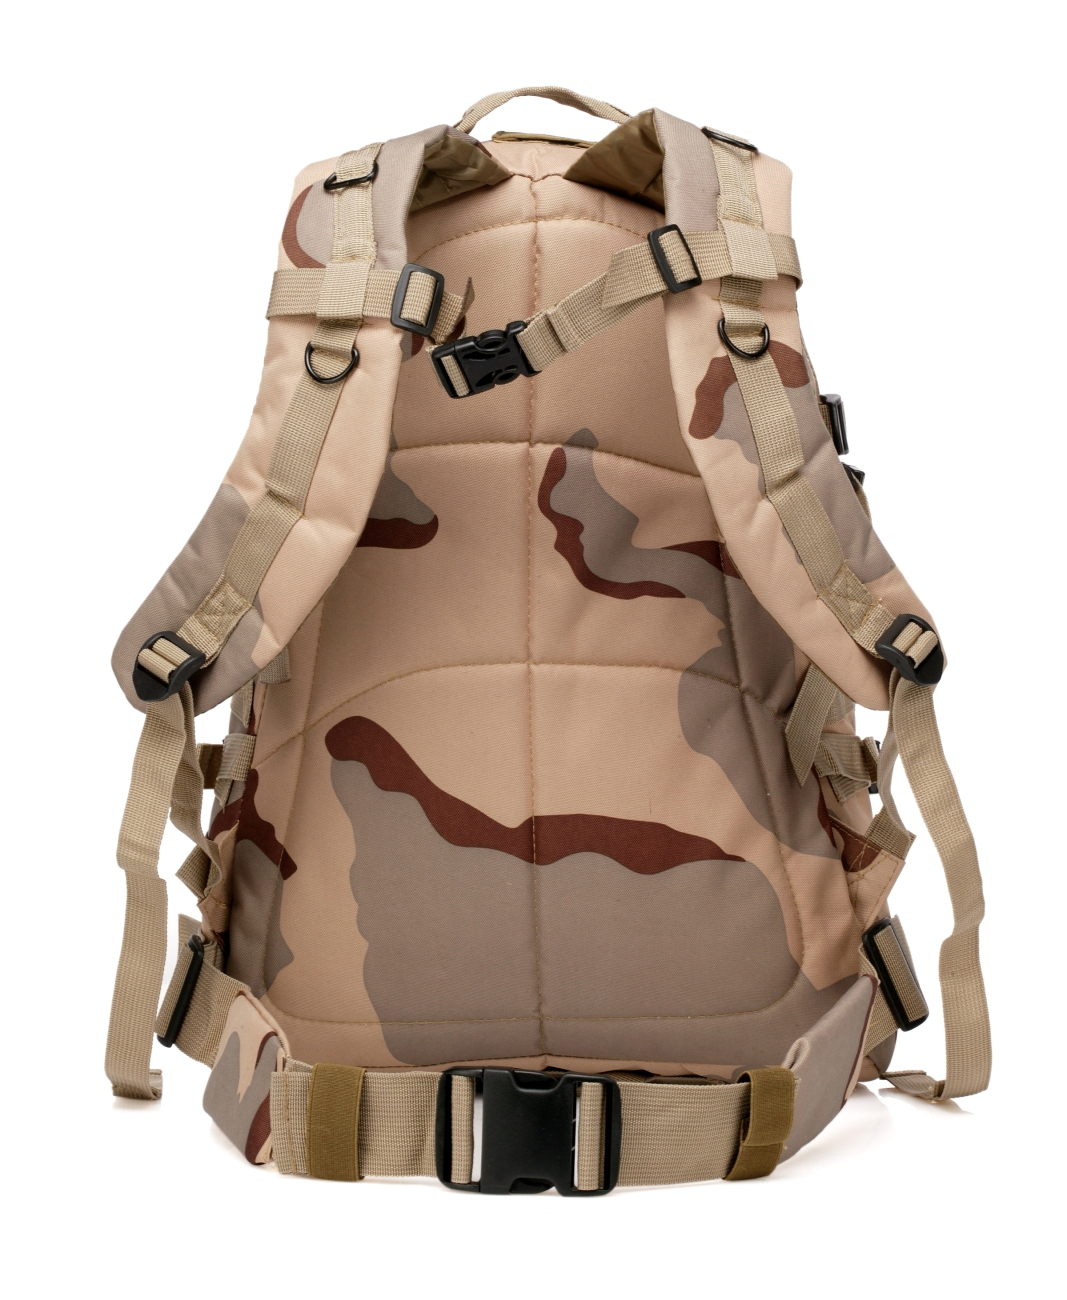 Камуфляжный тактический штурмовой рюкзак с доставкой по России